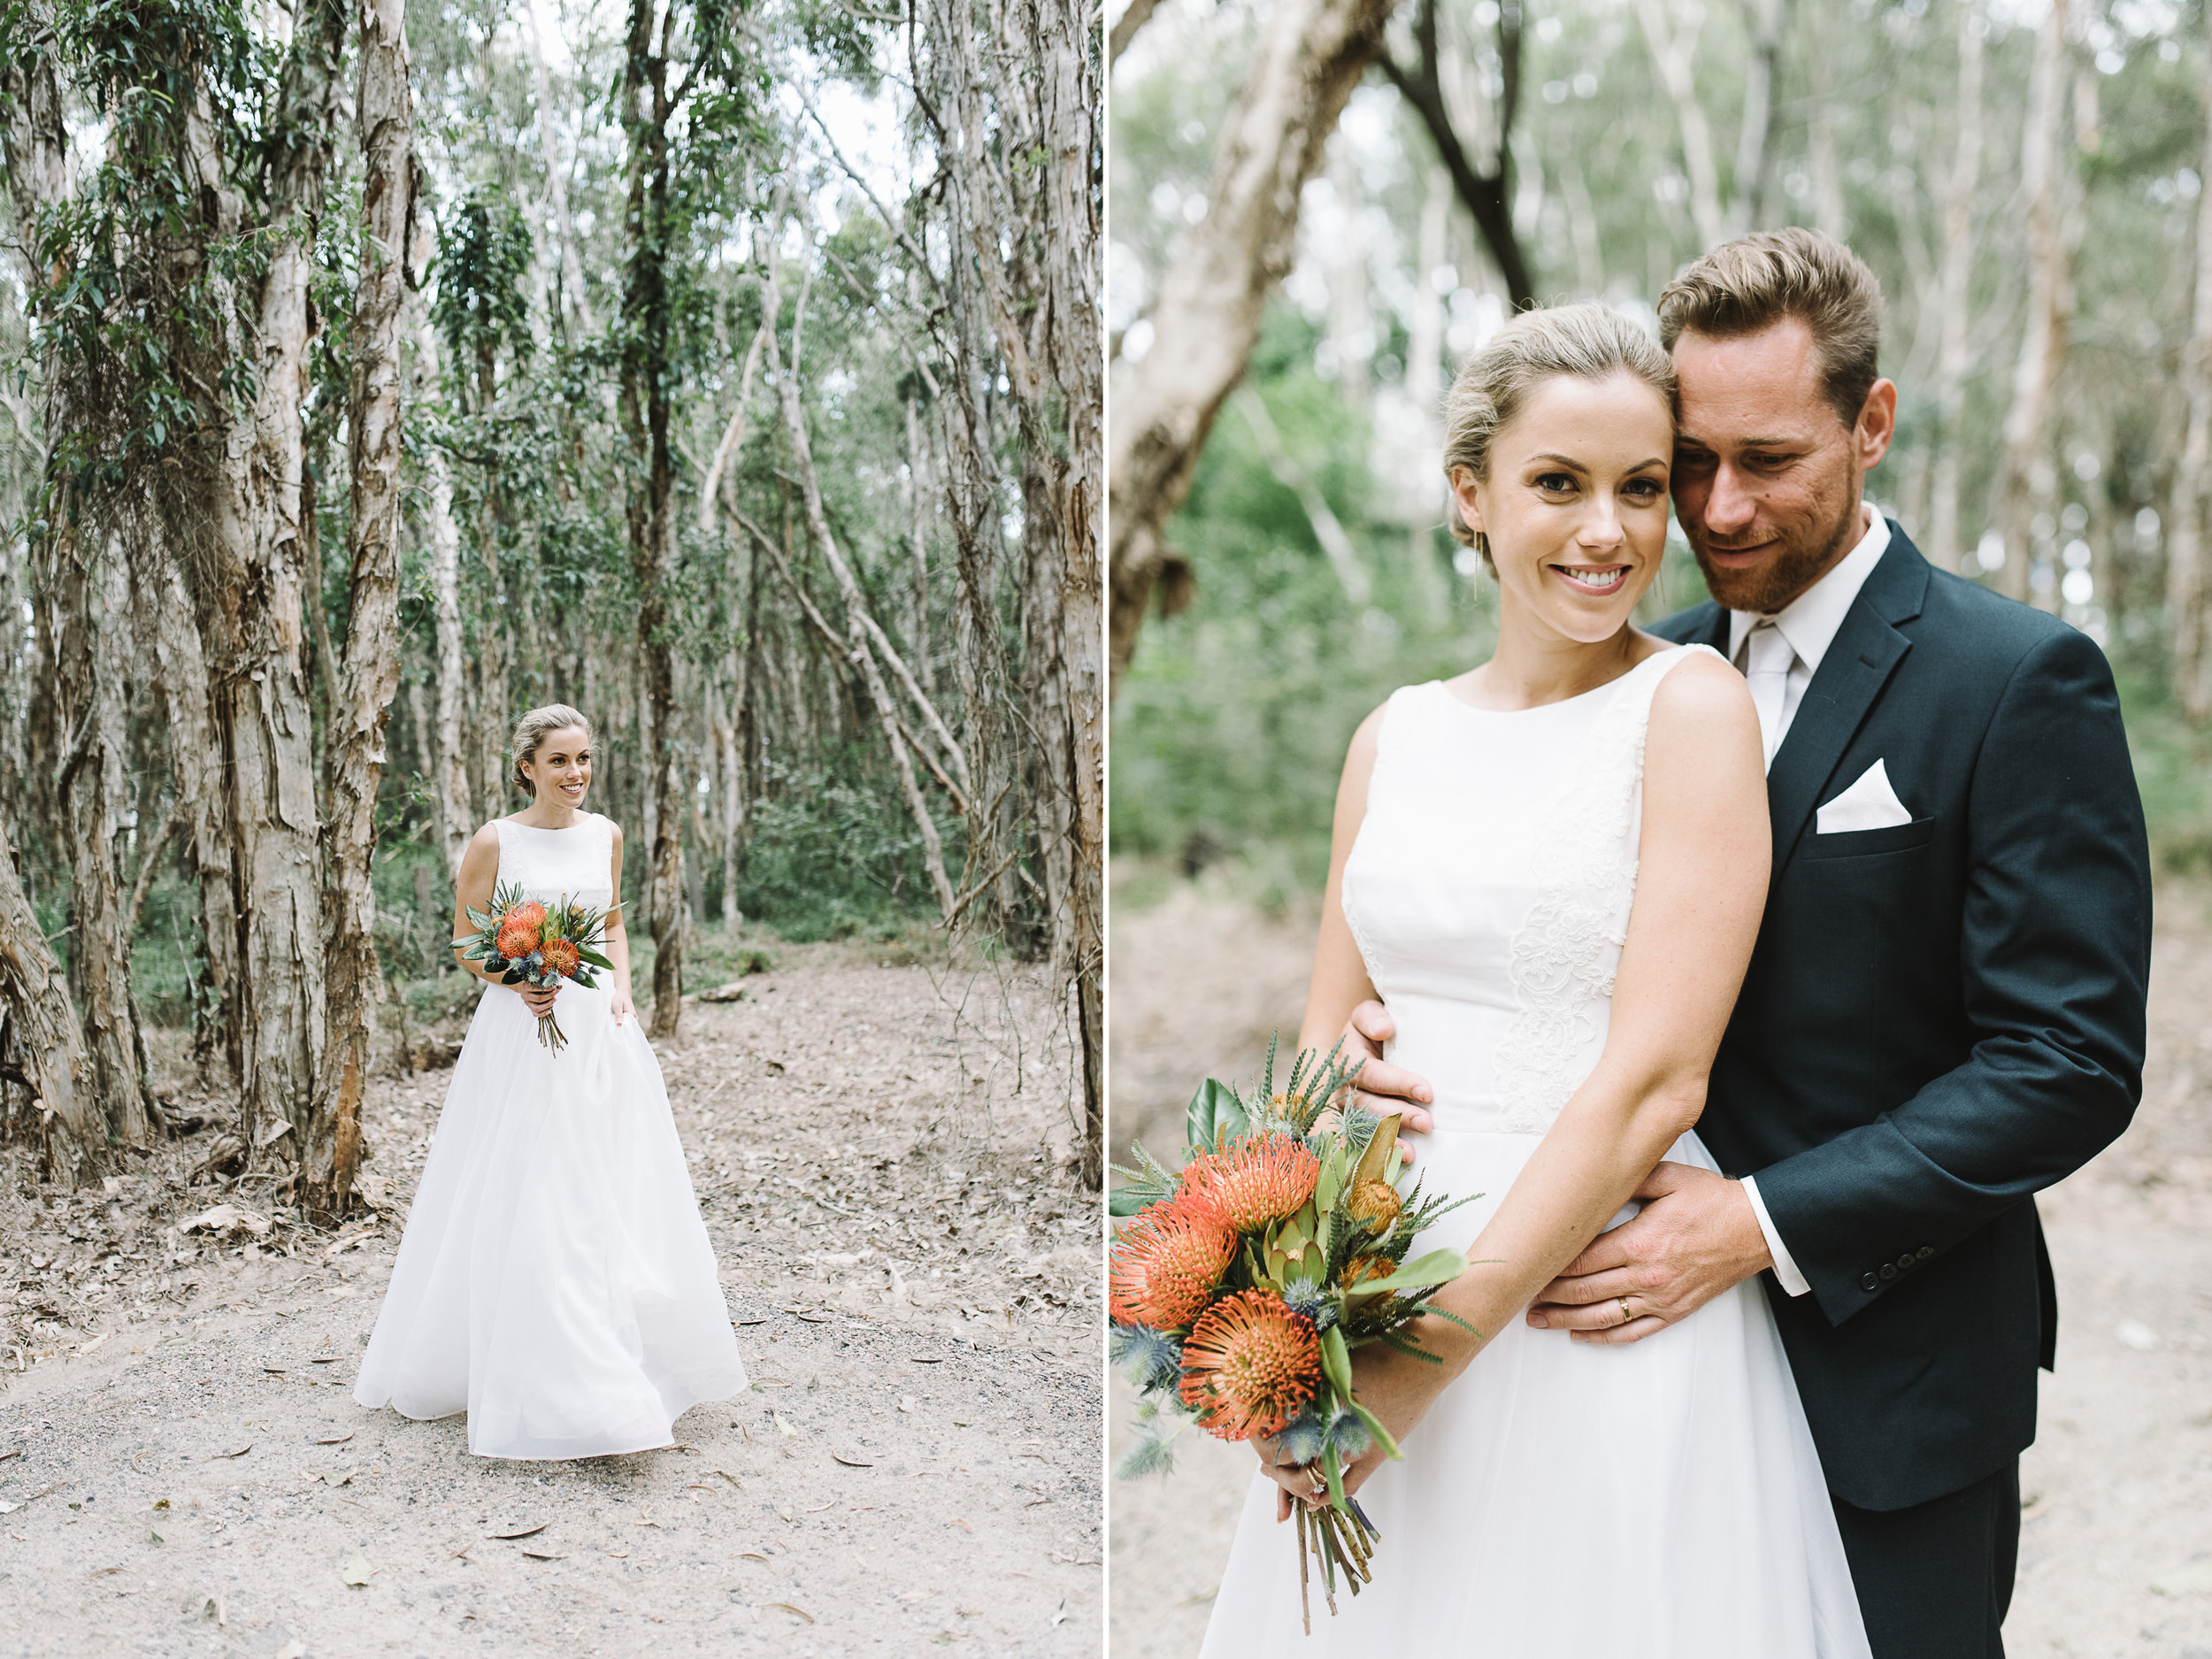 wedding-photography-brisbane-sandstone-point-hotel-bribie-island-19.jpg